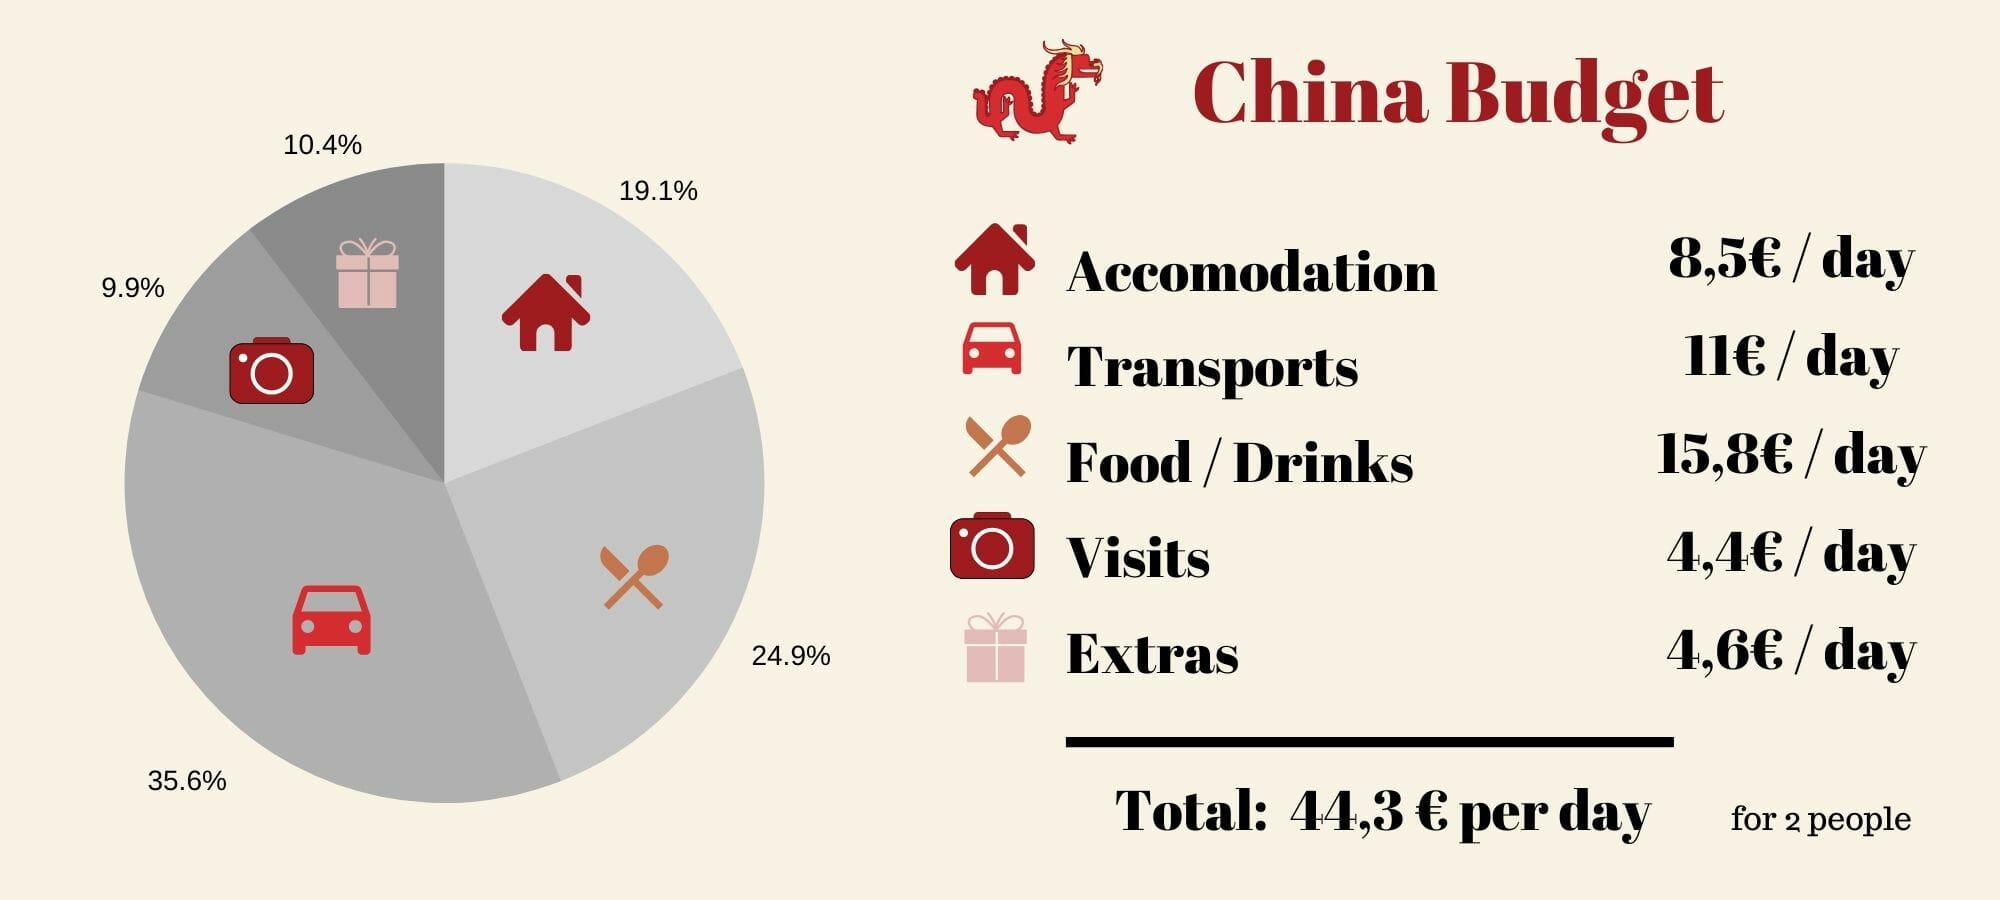 travel budget china